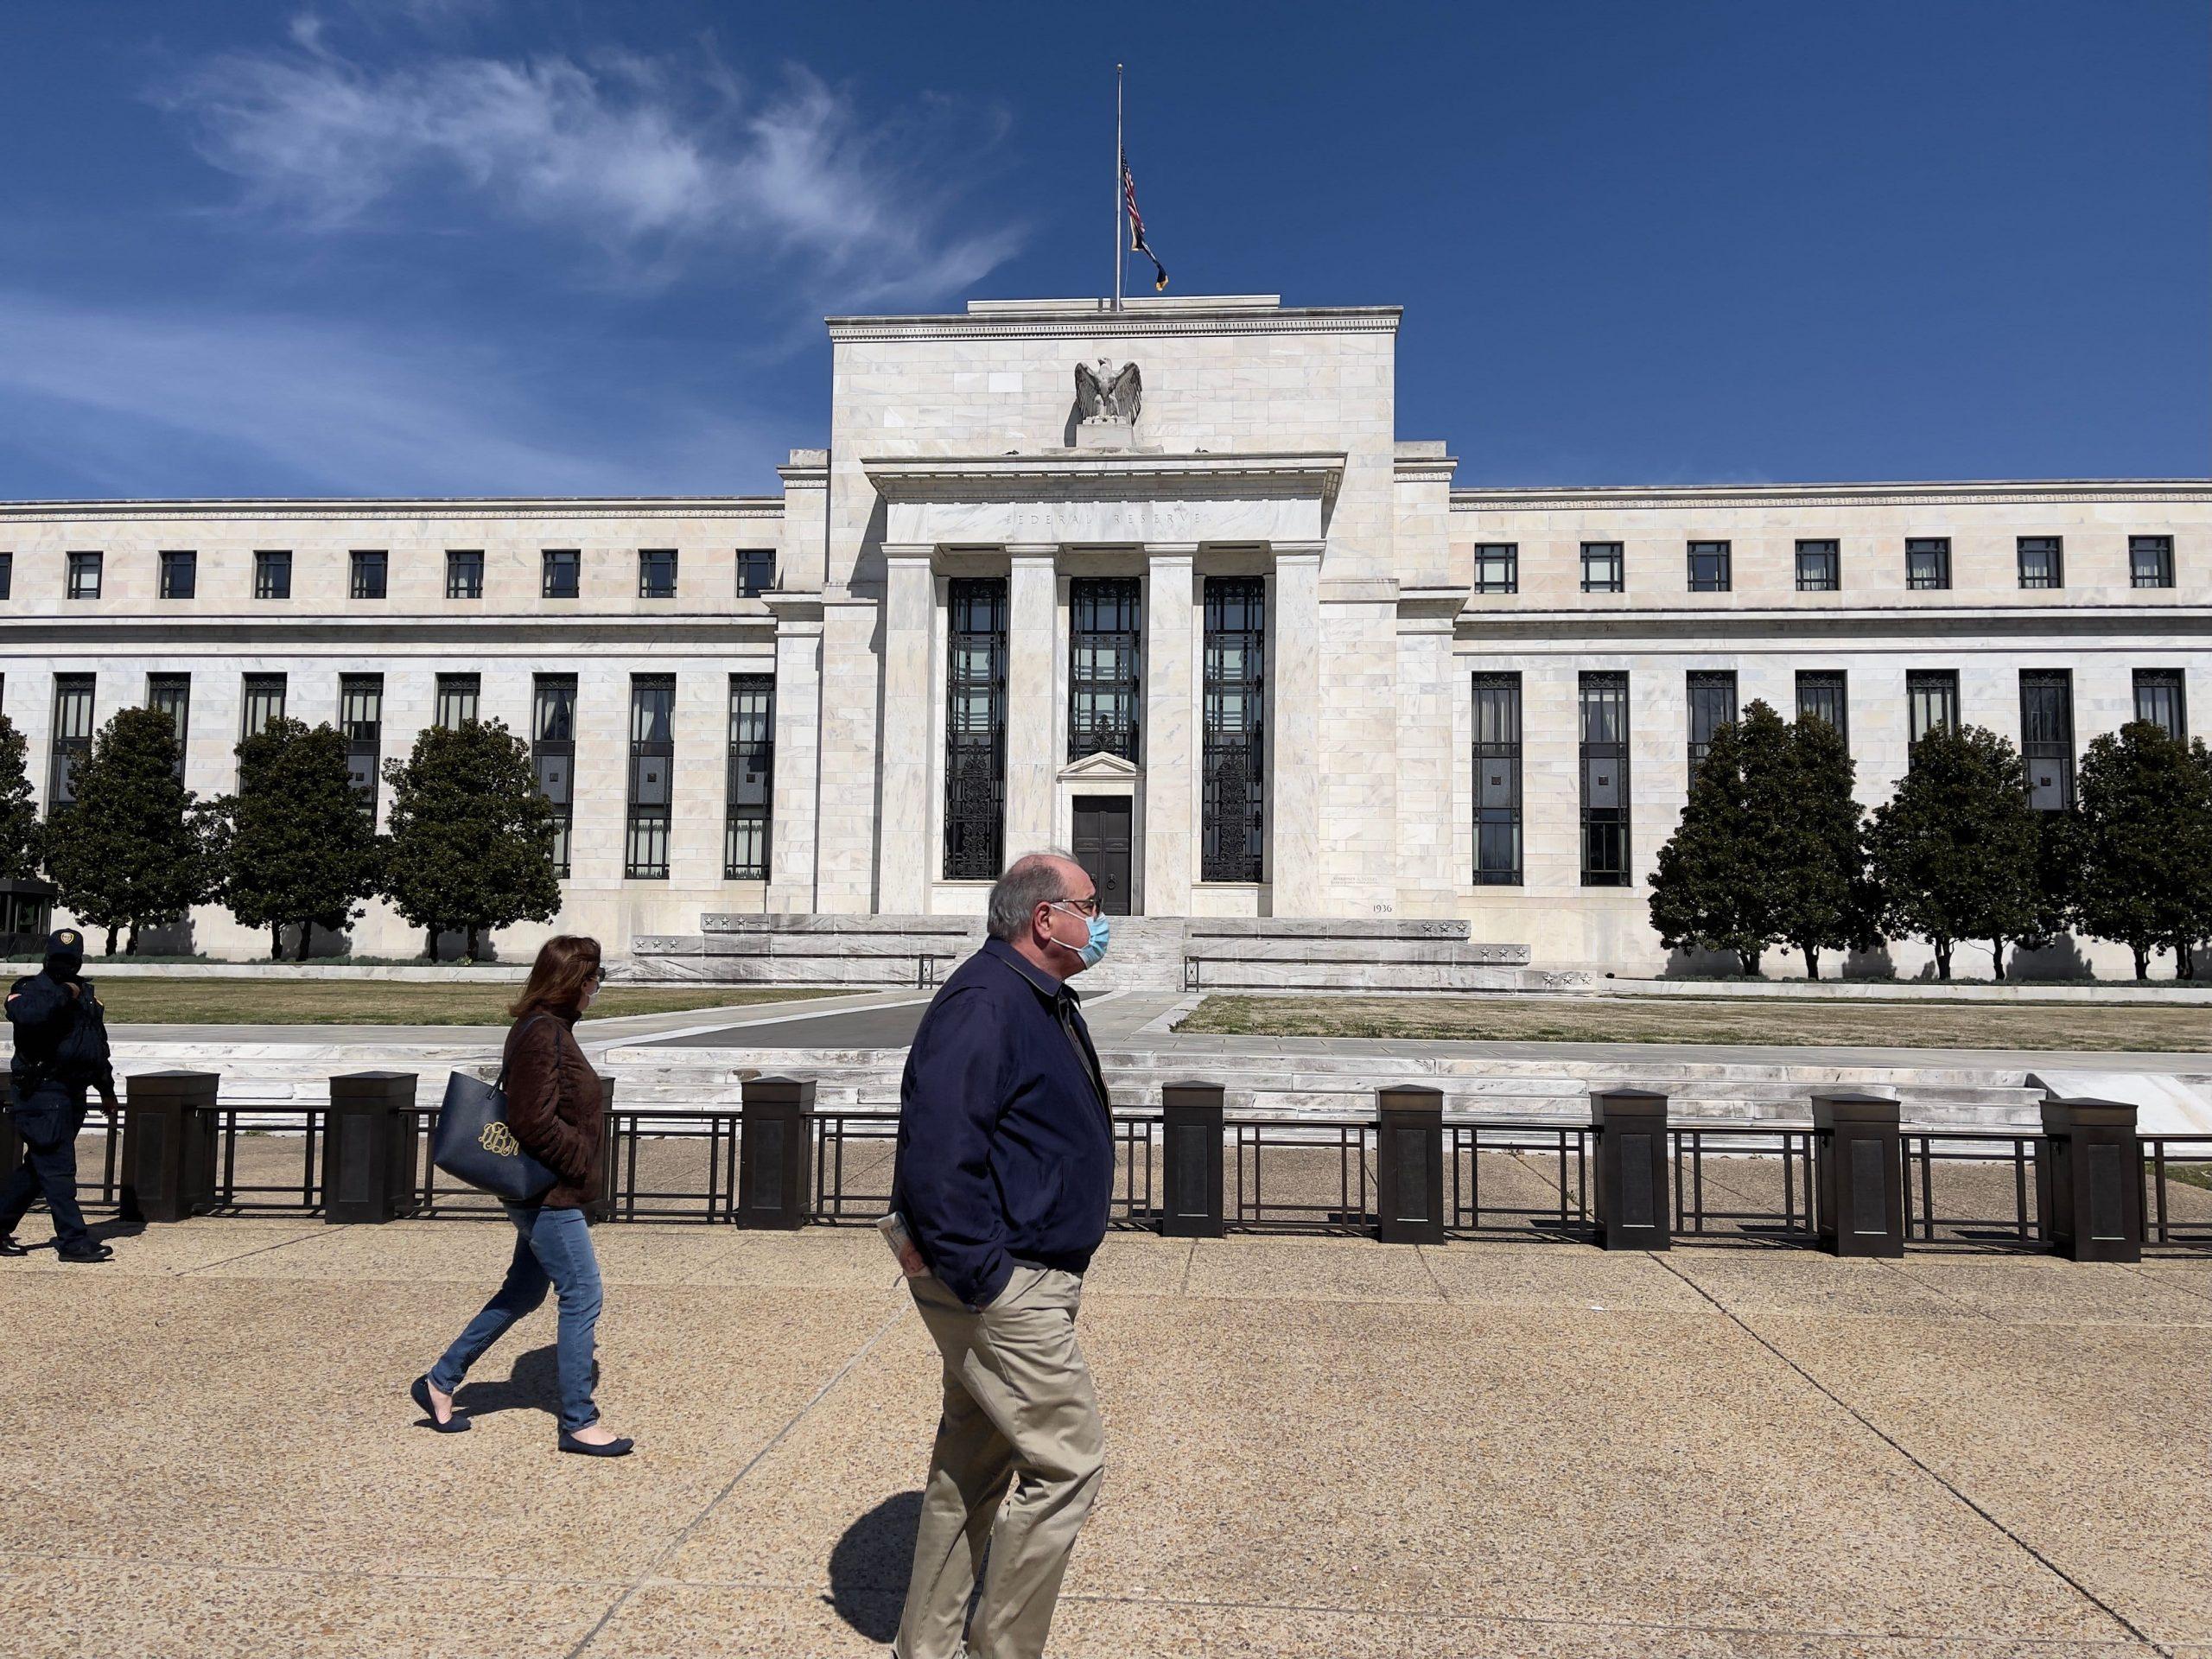 El llamado discurso del taper de la Reserva Federal podría mantener a los mercados nerviosos durante el verano